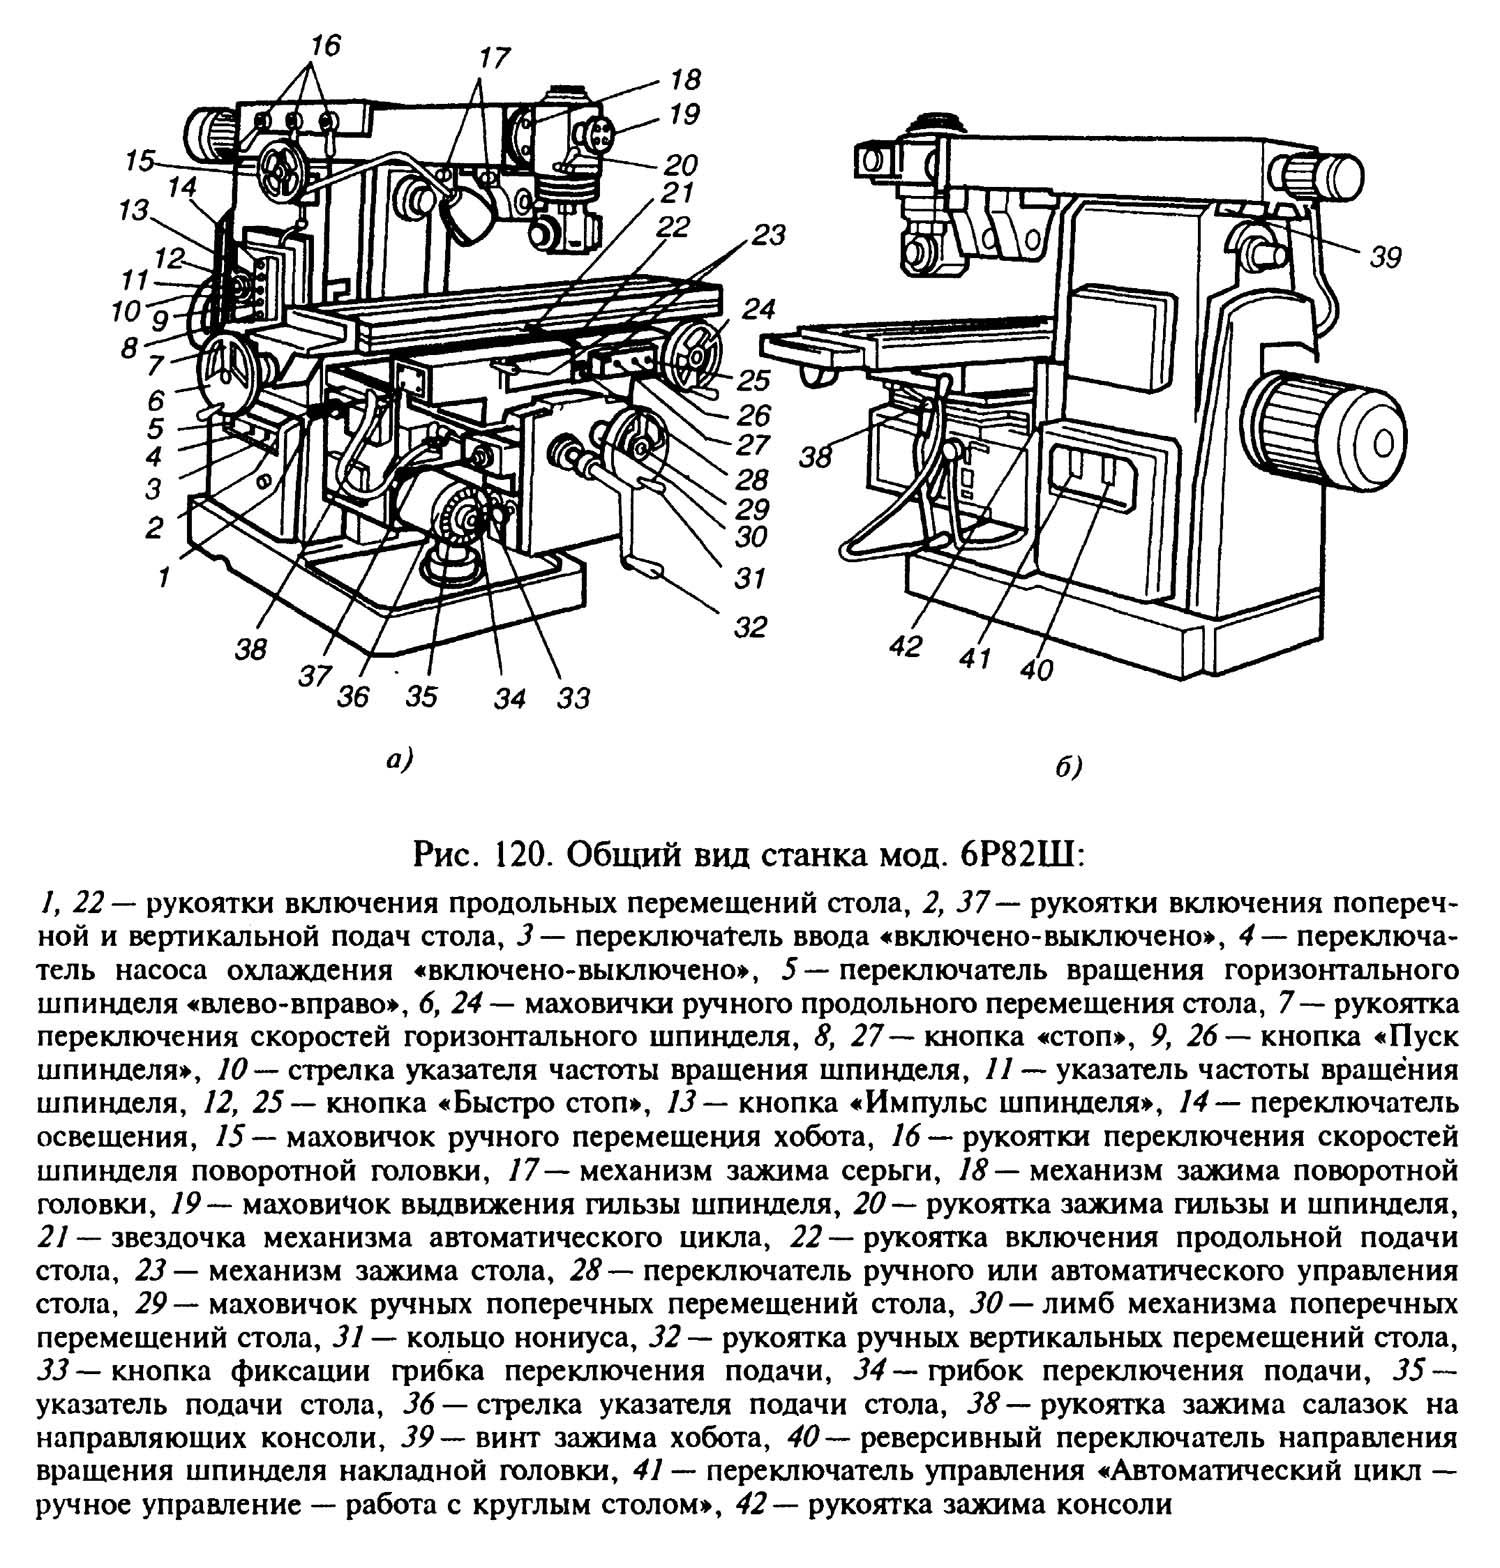 Фрезерный станок 6т82г: паспорт, технические характеристики, описание